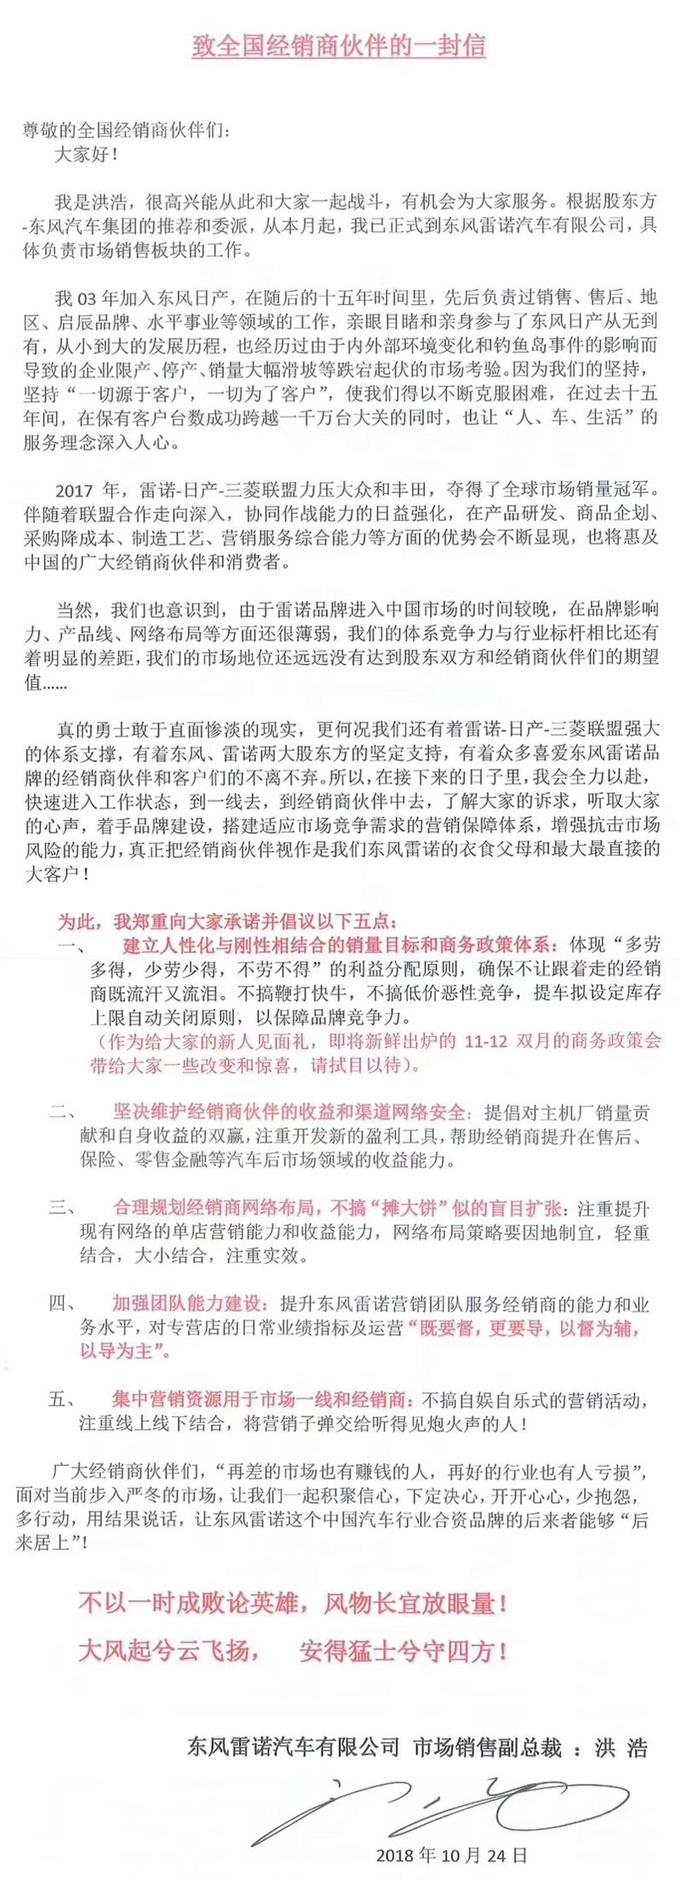 """洪浩致信东风雷诺经销商 """"不以一时成败论英雄"""""""